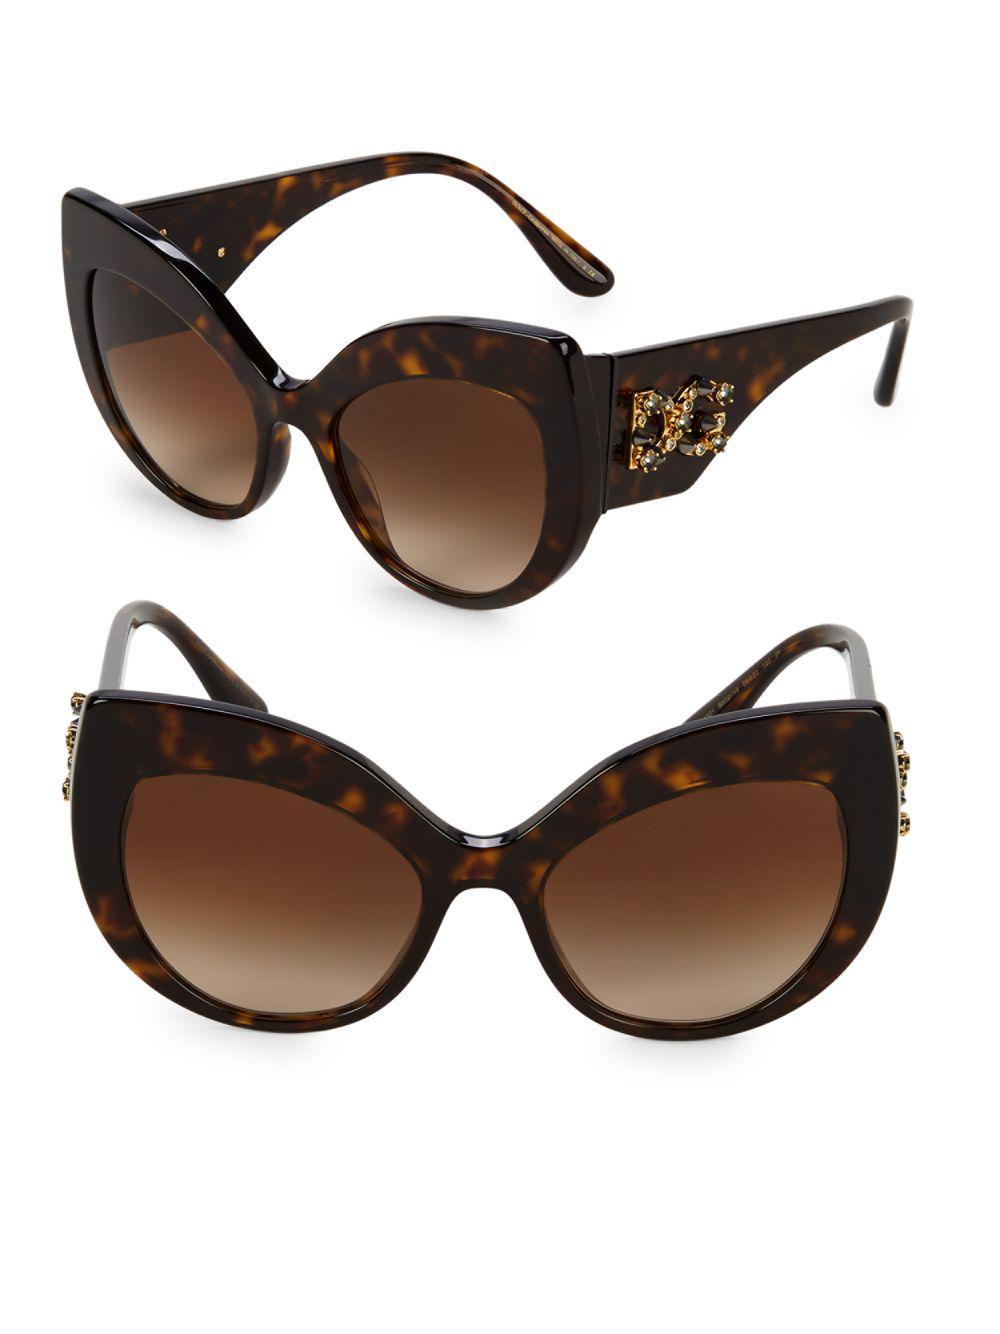 2658cae86fd Lyst - Dolce   Gabbana 55mm Cat Eye Sunglasses in Brown